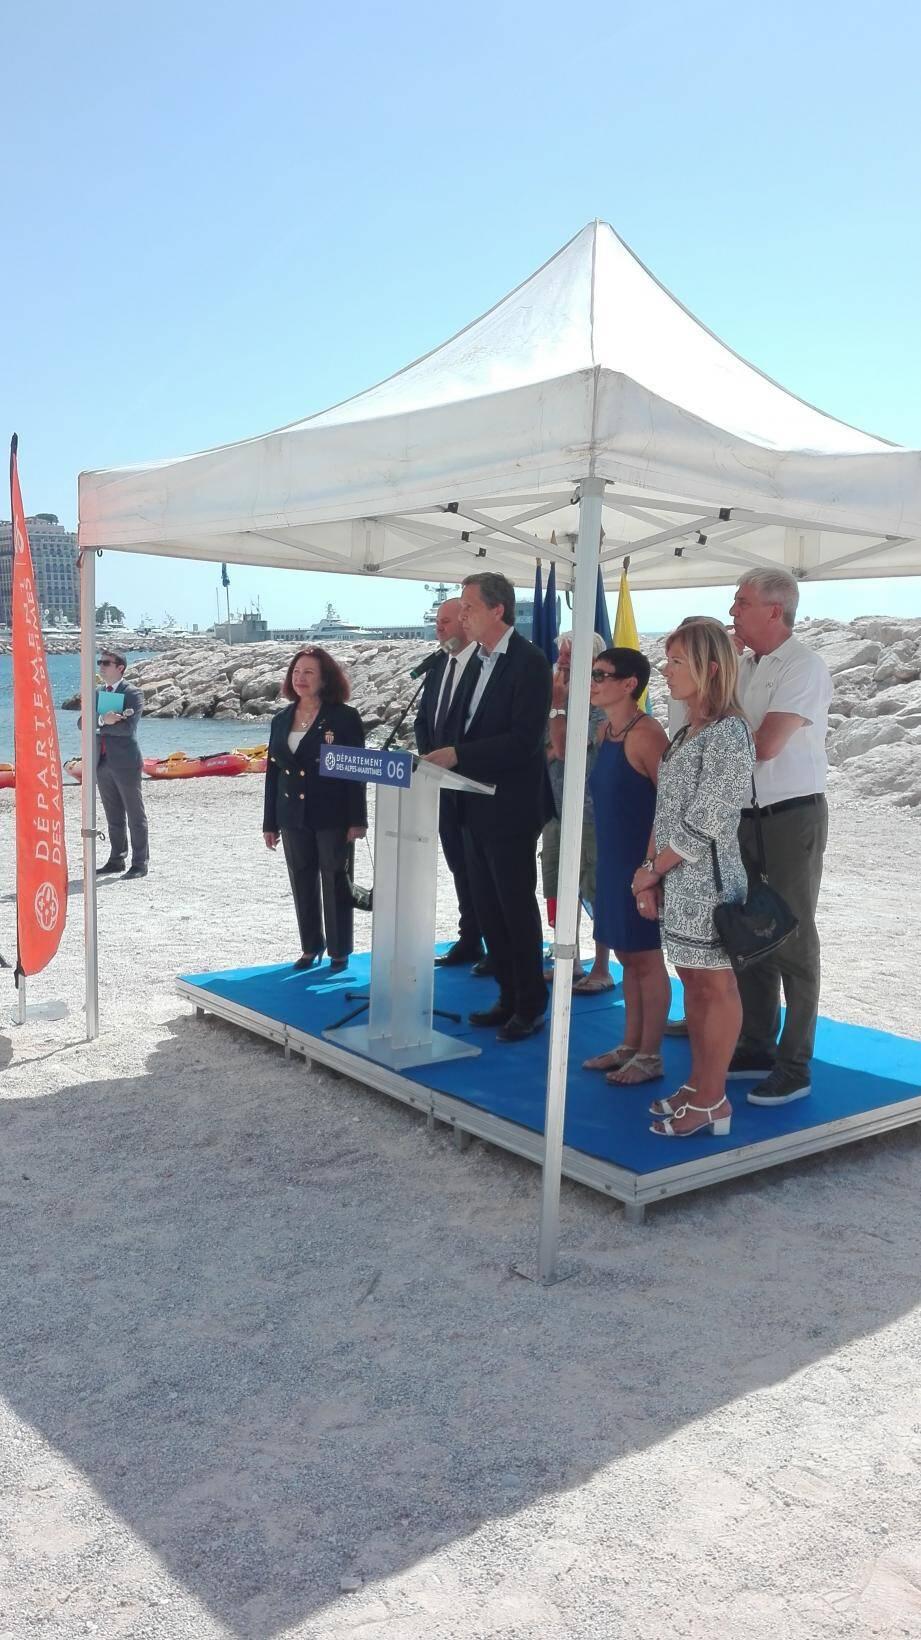 La 12e tournée Handi Voile 06 a été lancée, hier sur la plage Marquet, juste après une allocution de Xavier Beck, maire de Cap-d'Ail et représentant d'Eric Ciotti pour l'occasion.